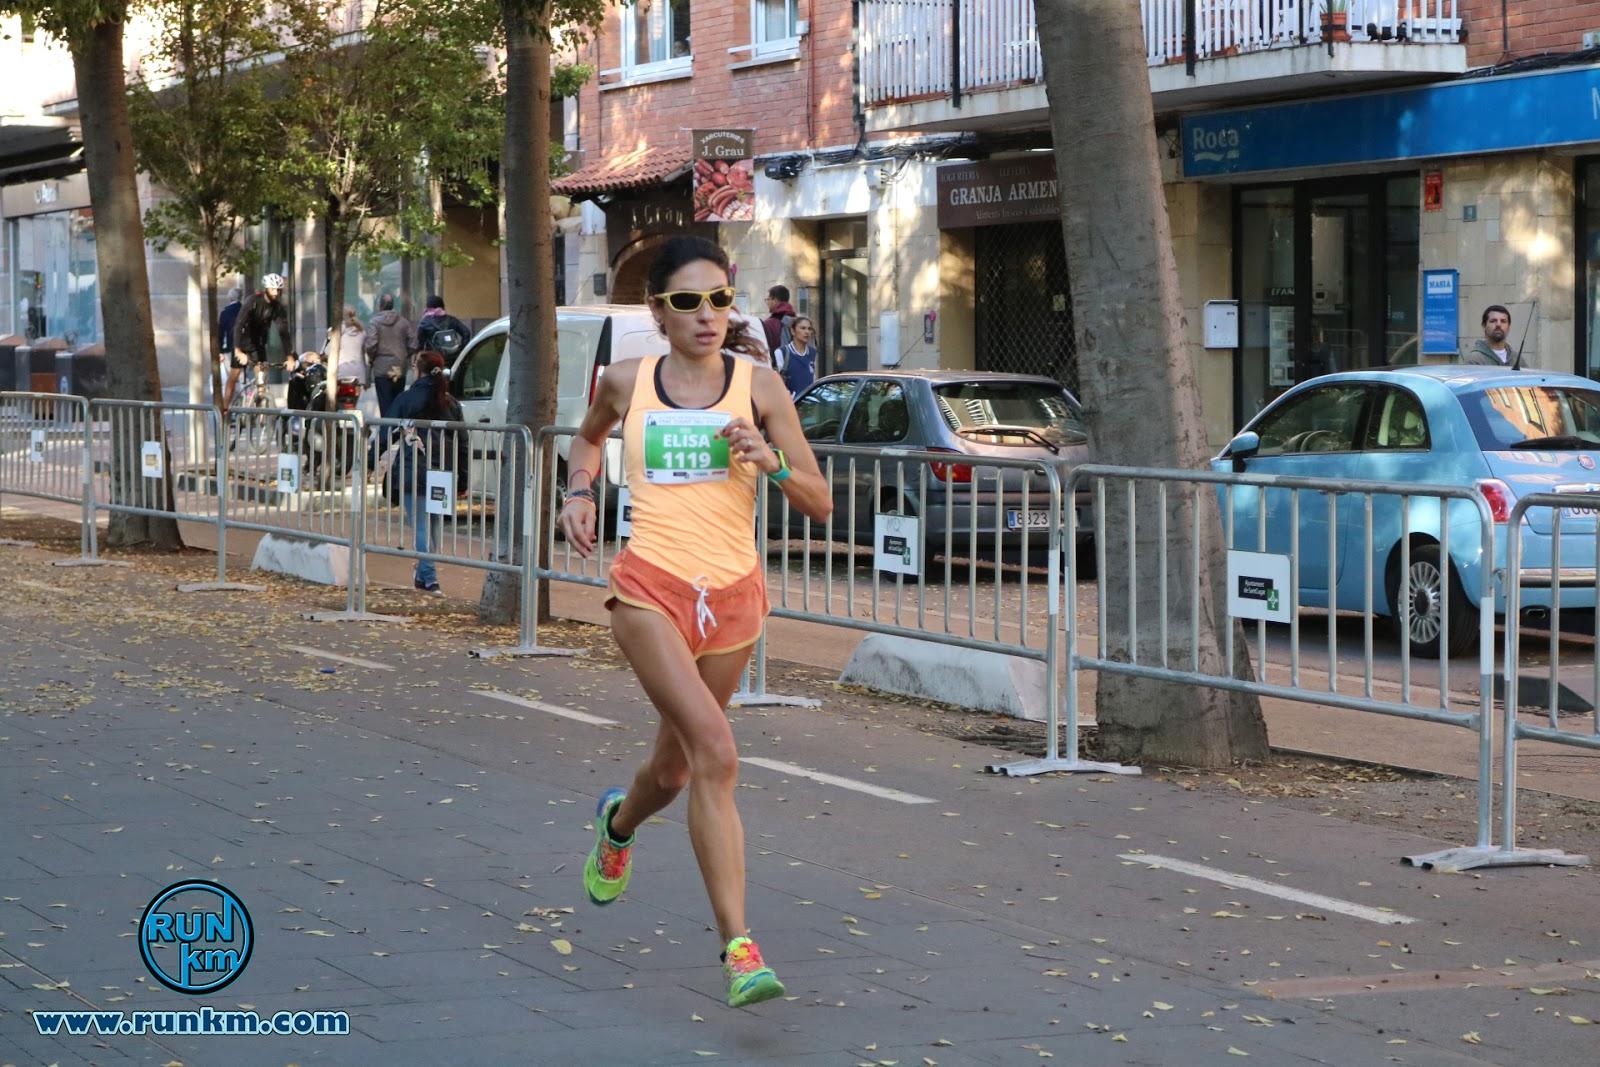 Elisa Melilli vencedora de la IX Cursa DIR Mossos d'Esquadra